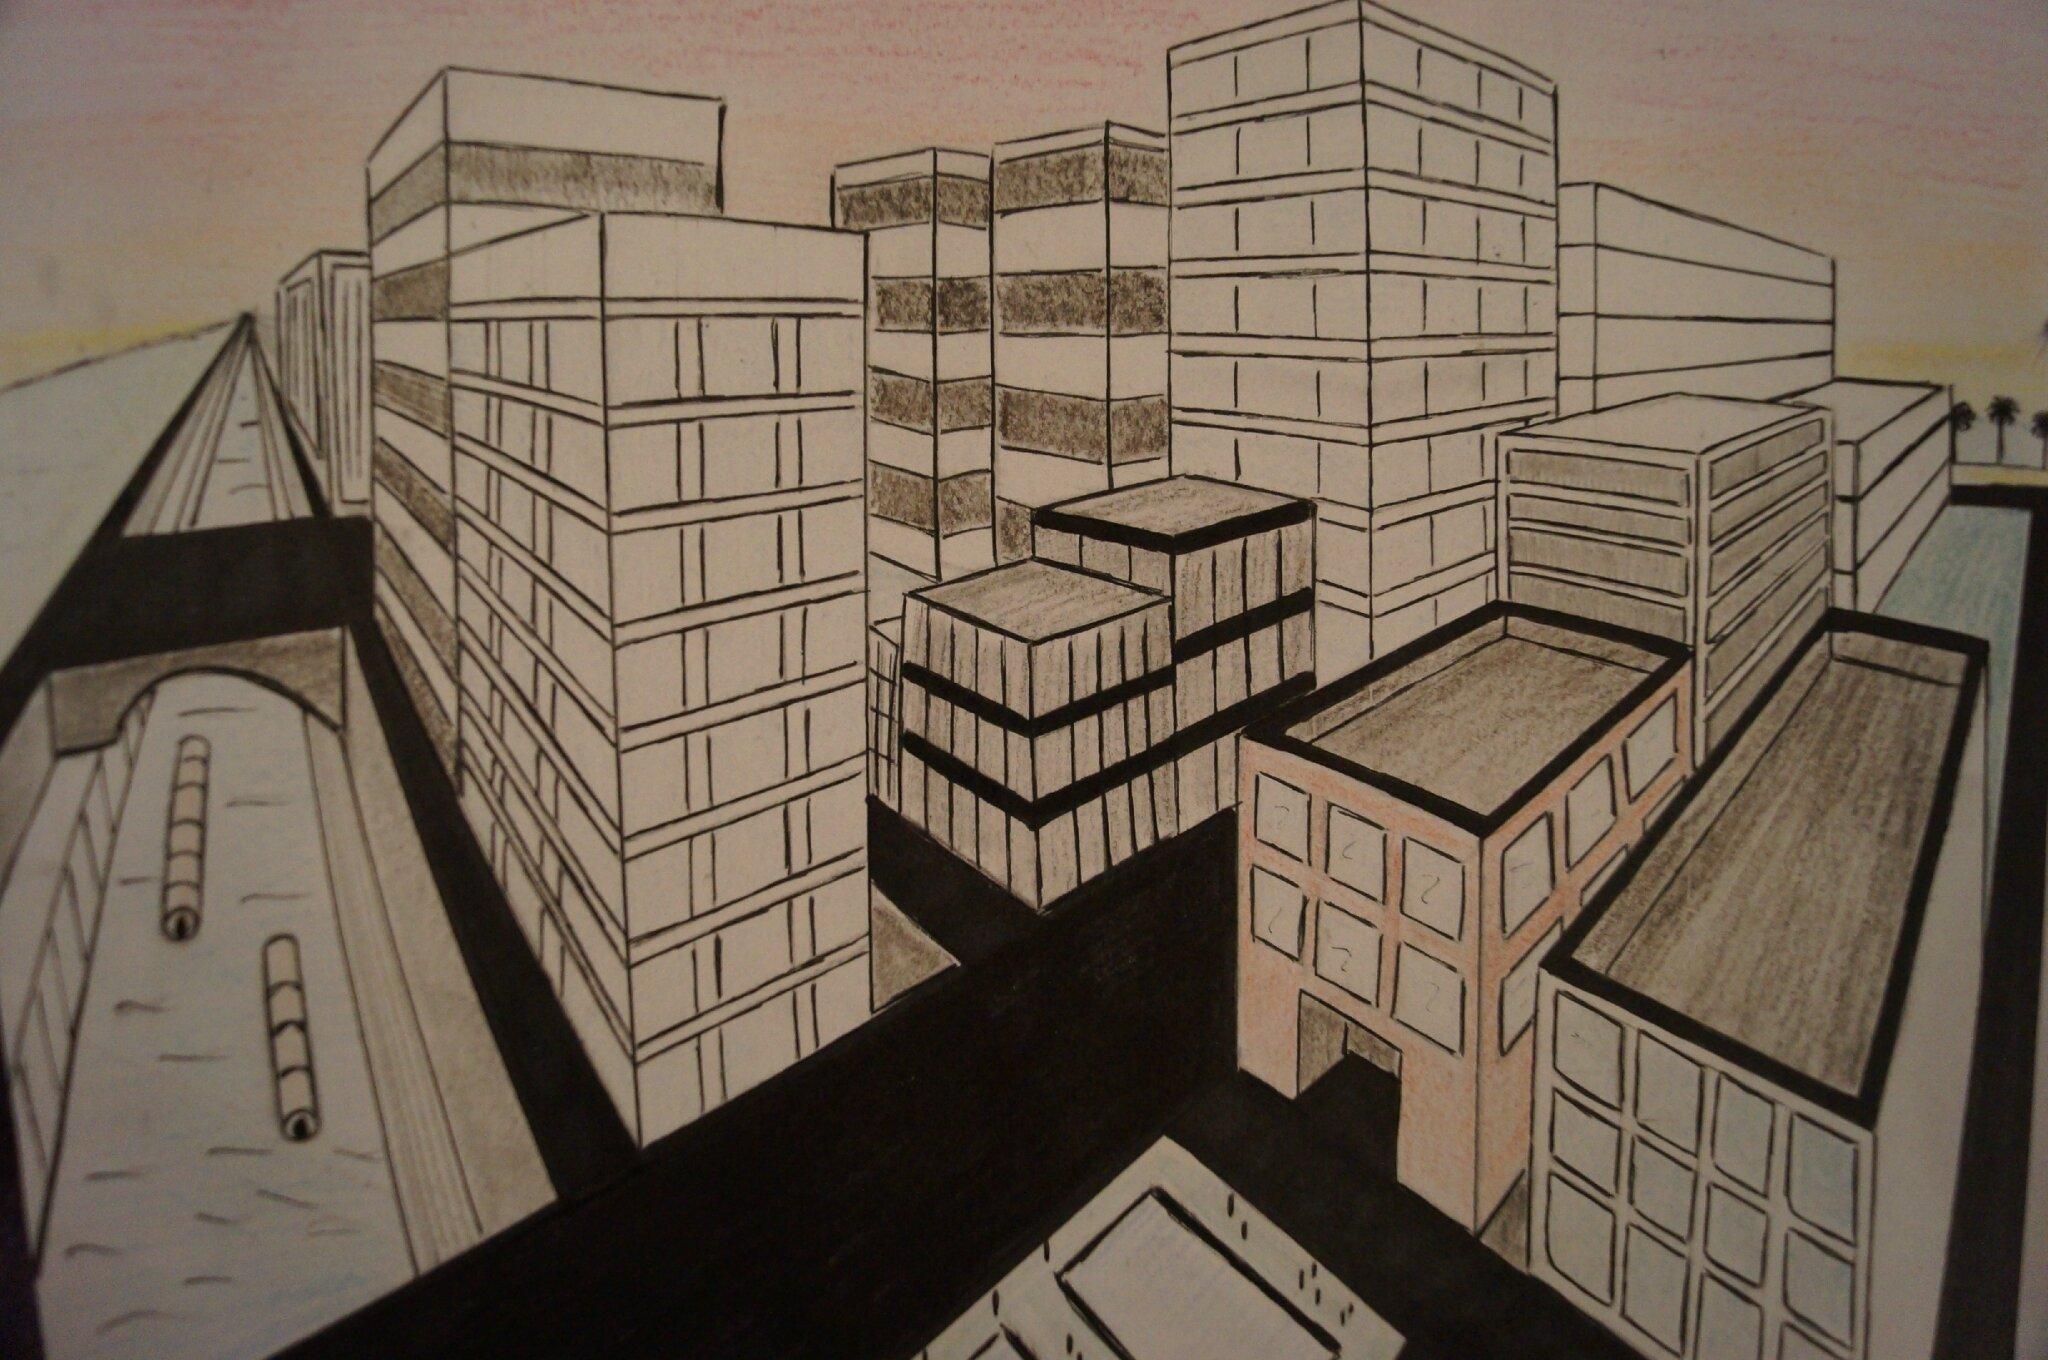 Dessiner une ville avec deux points de fuite